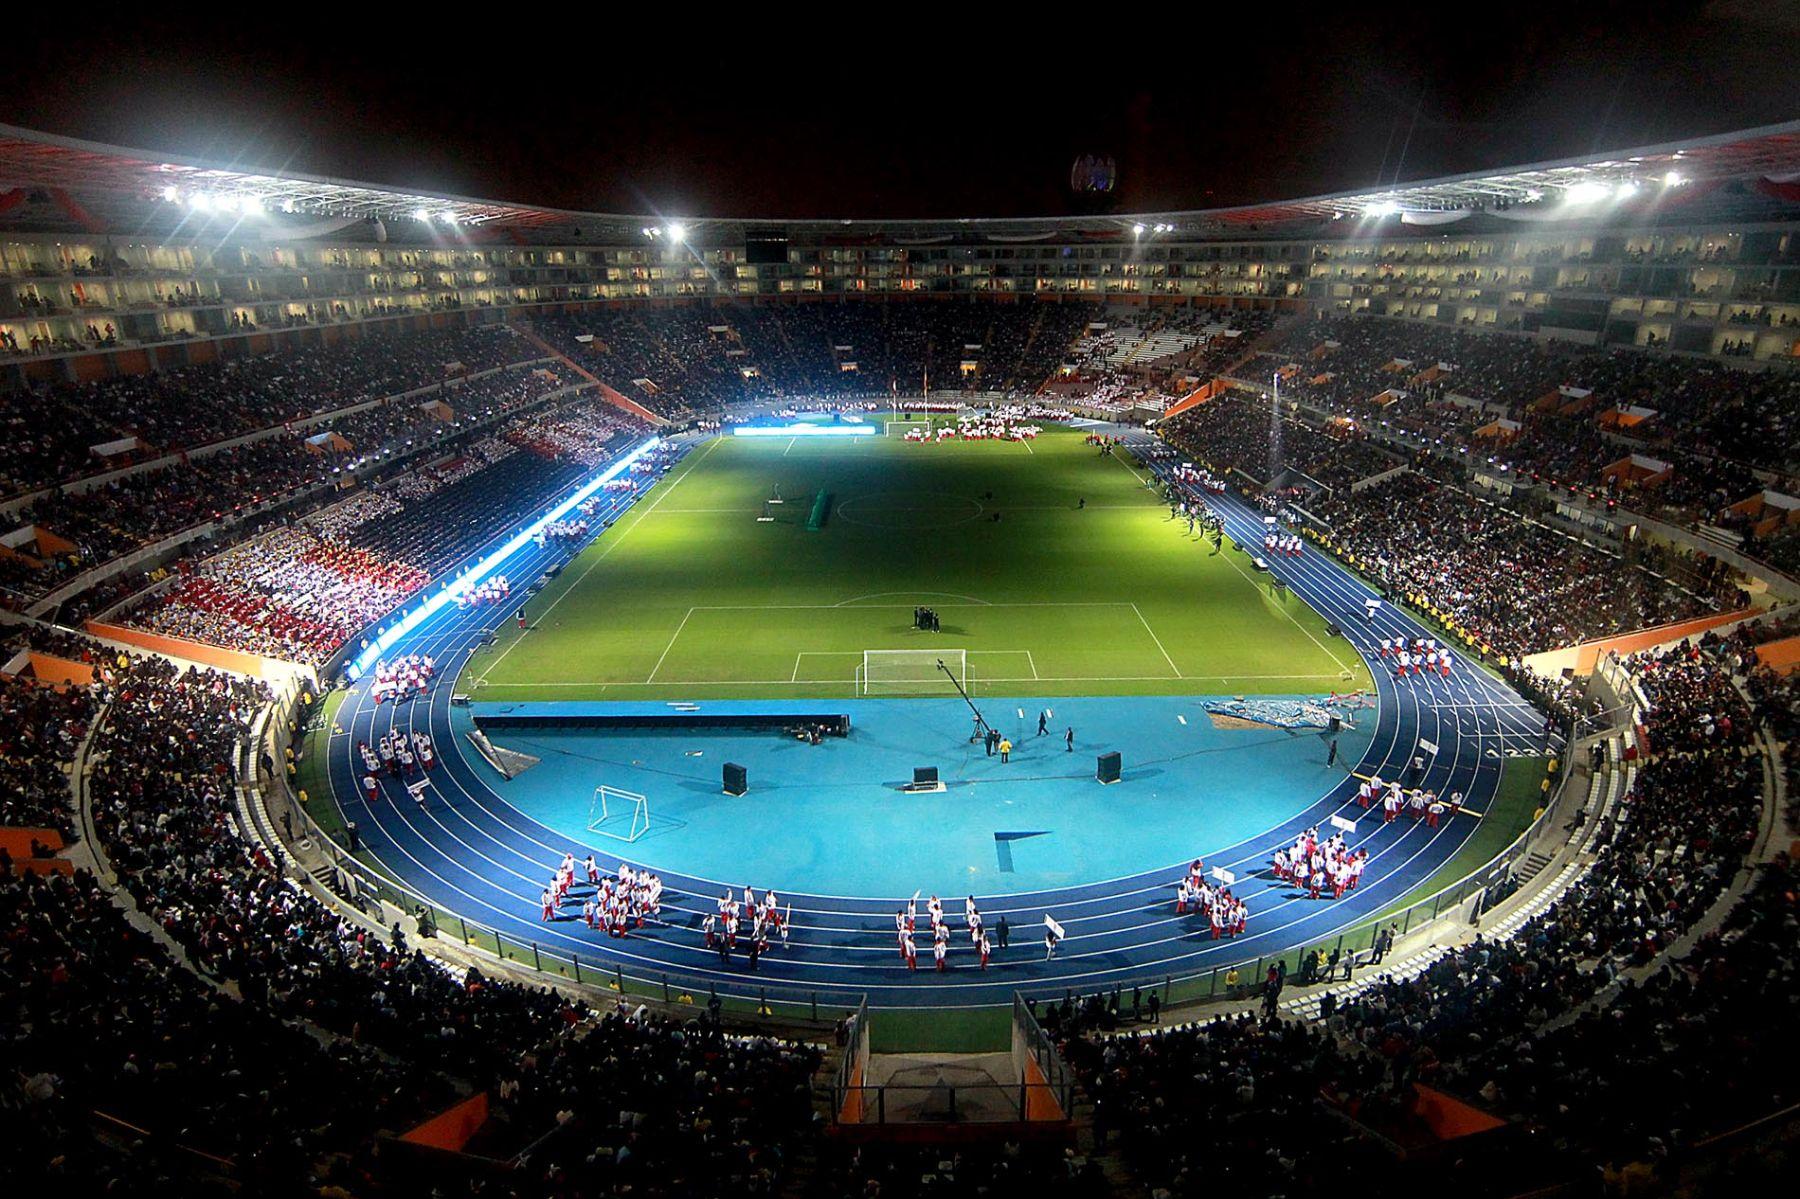 Ceremonia de reinauguración del Estadio Nacional de Perú. Foto: ANDINA/Carlos Lezama.